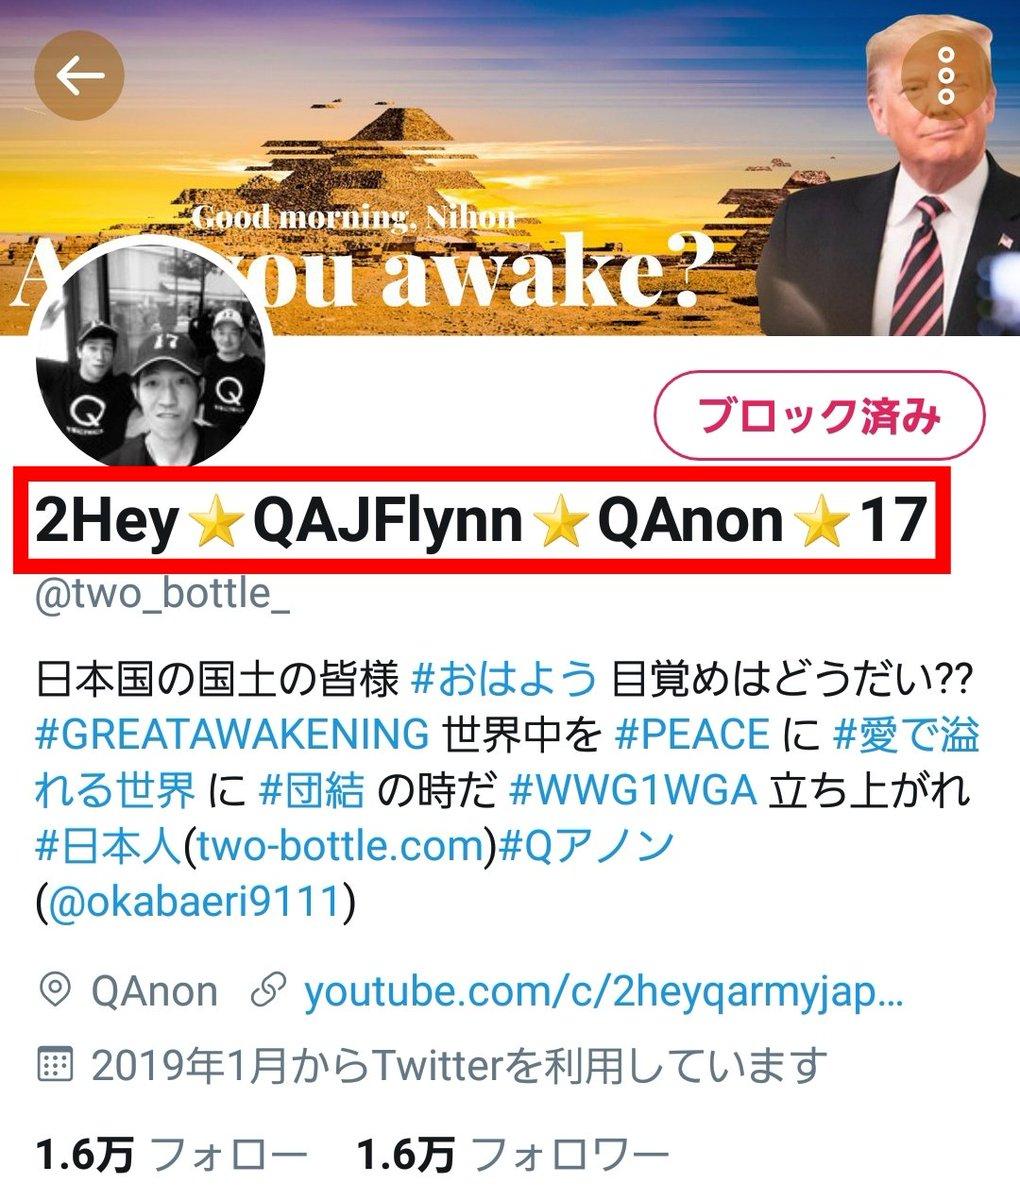 アノン twitter Q